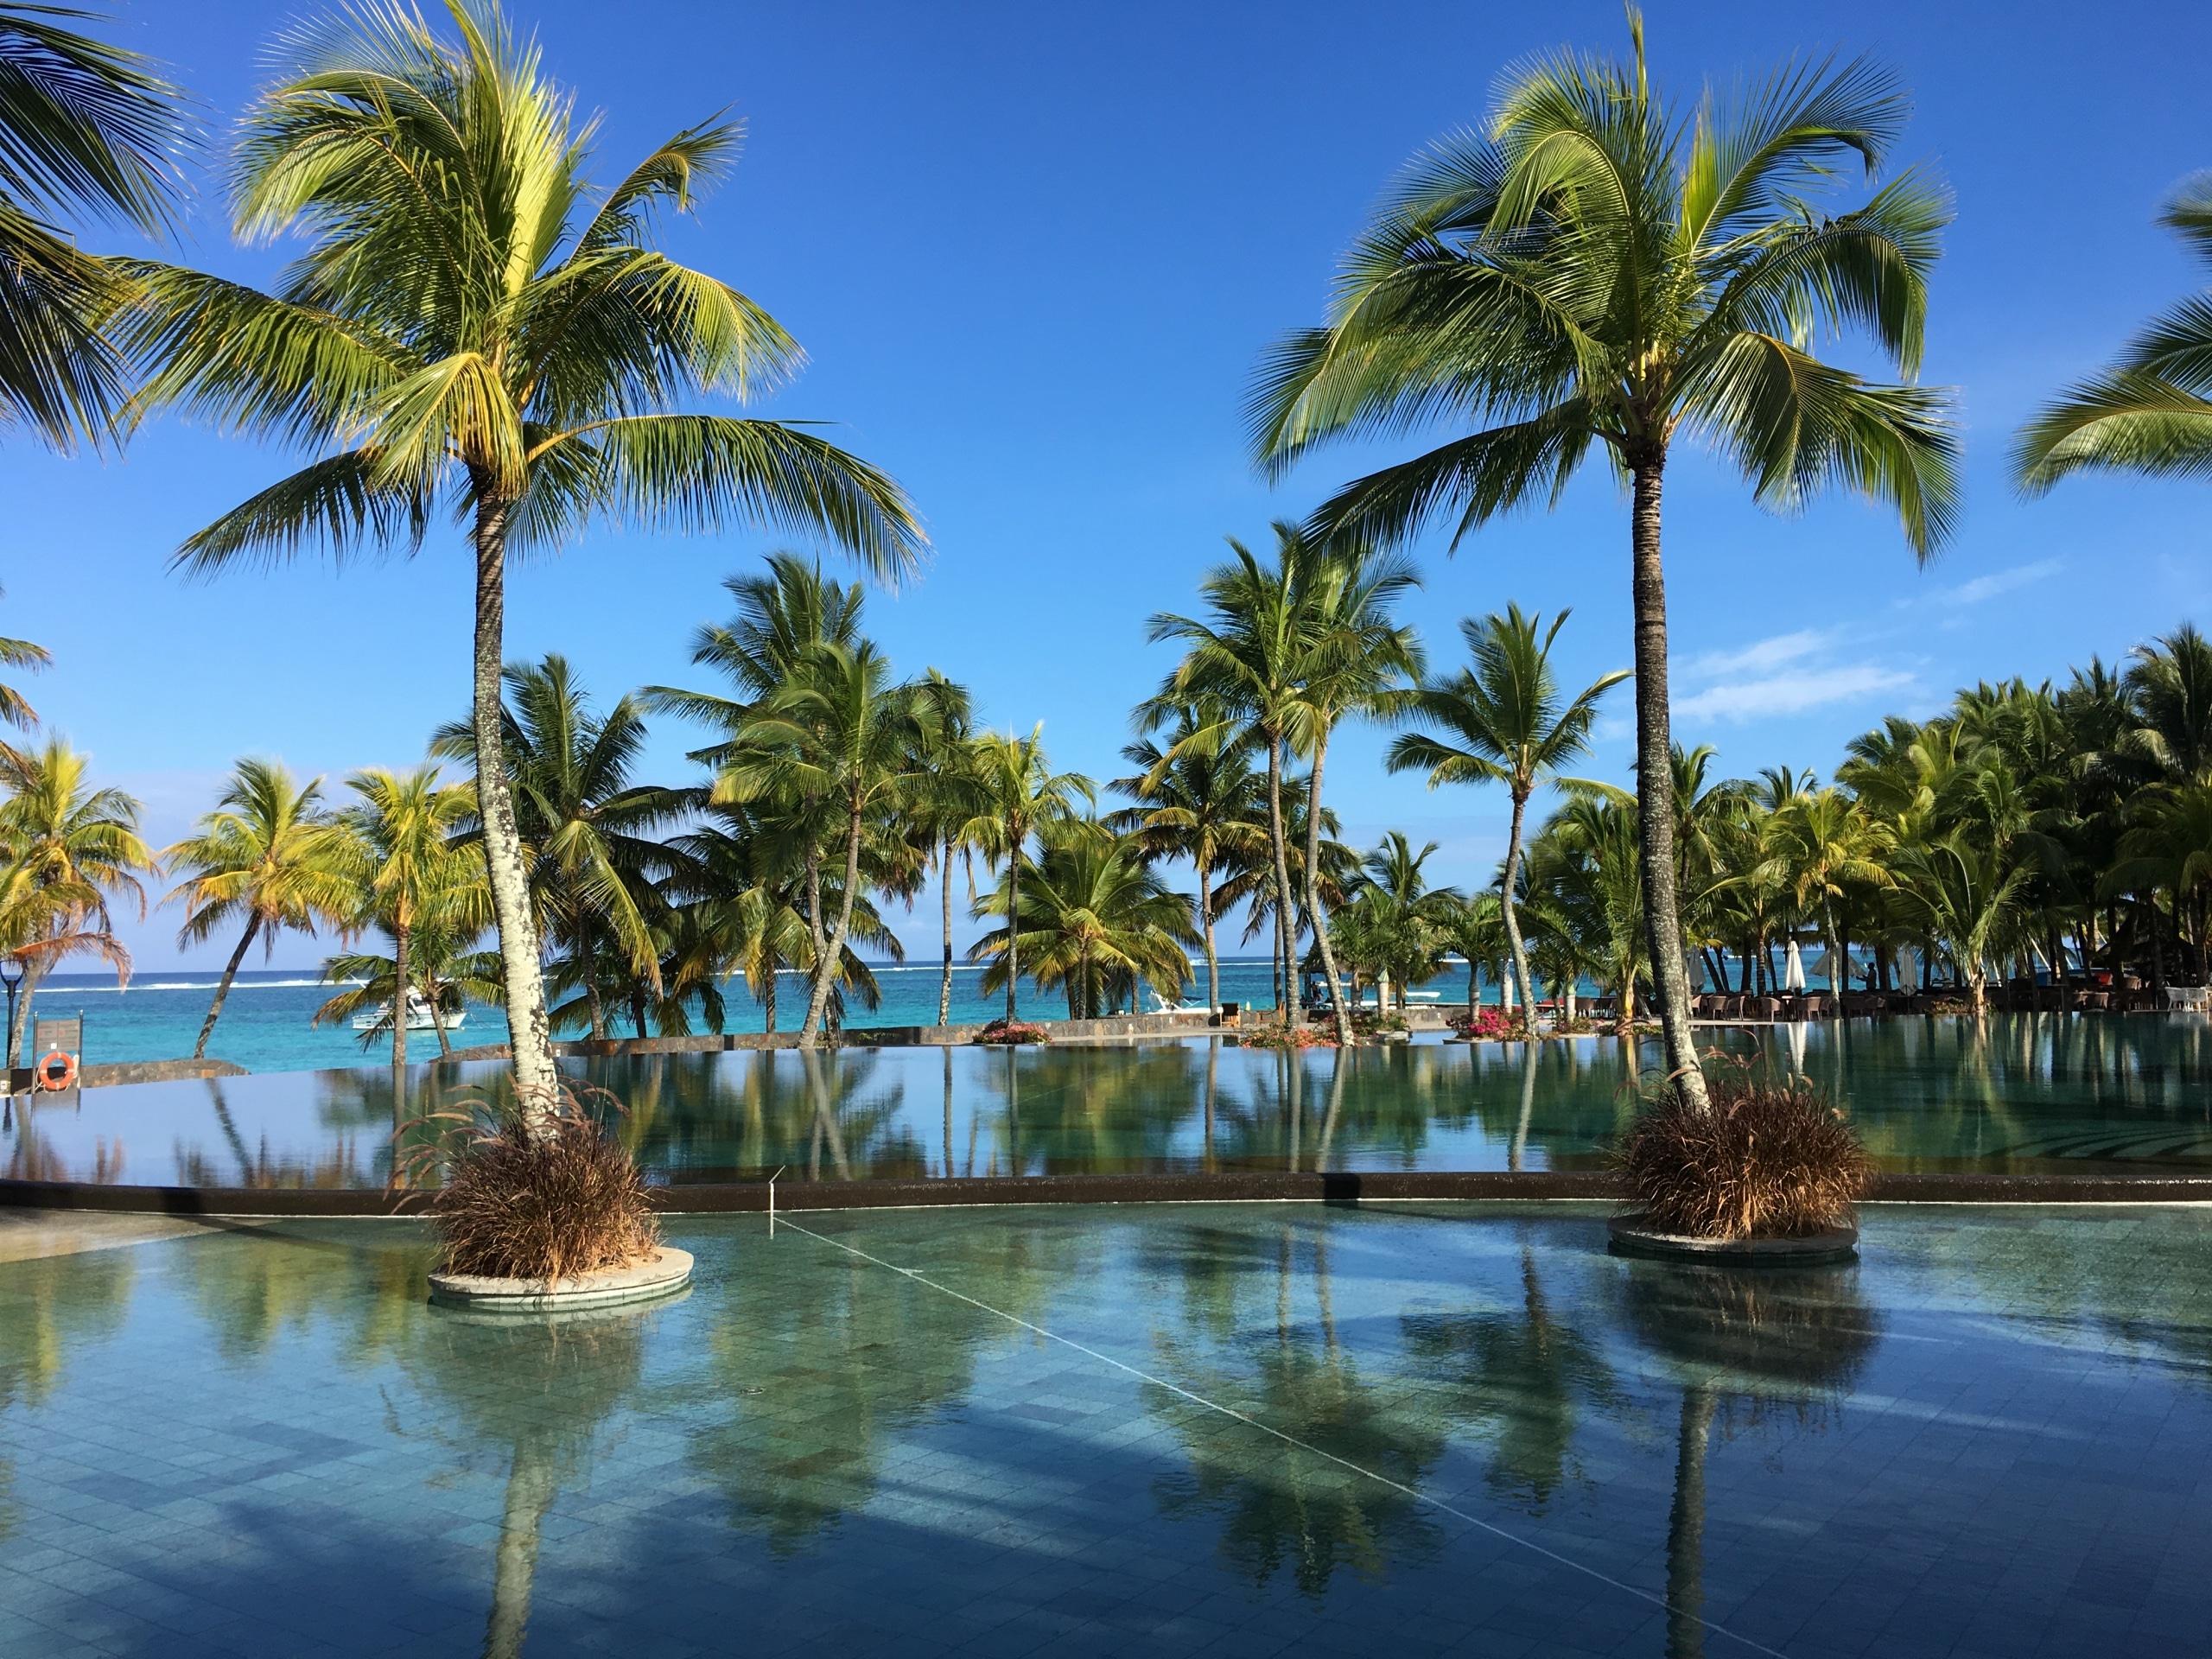 Pool Beachcomber Trou aux Biches - Traumurlaub Mauritius - Urlaubsengel Reisebüro Weinheim